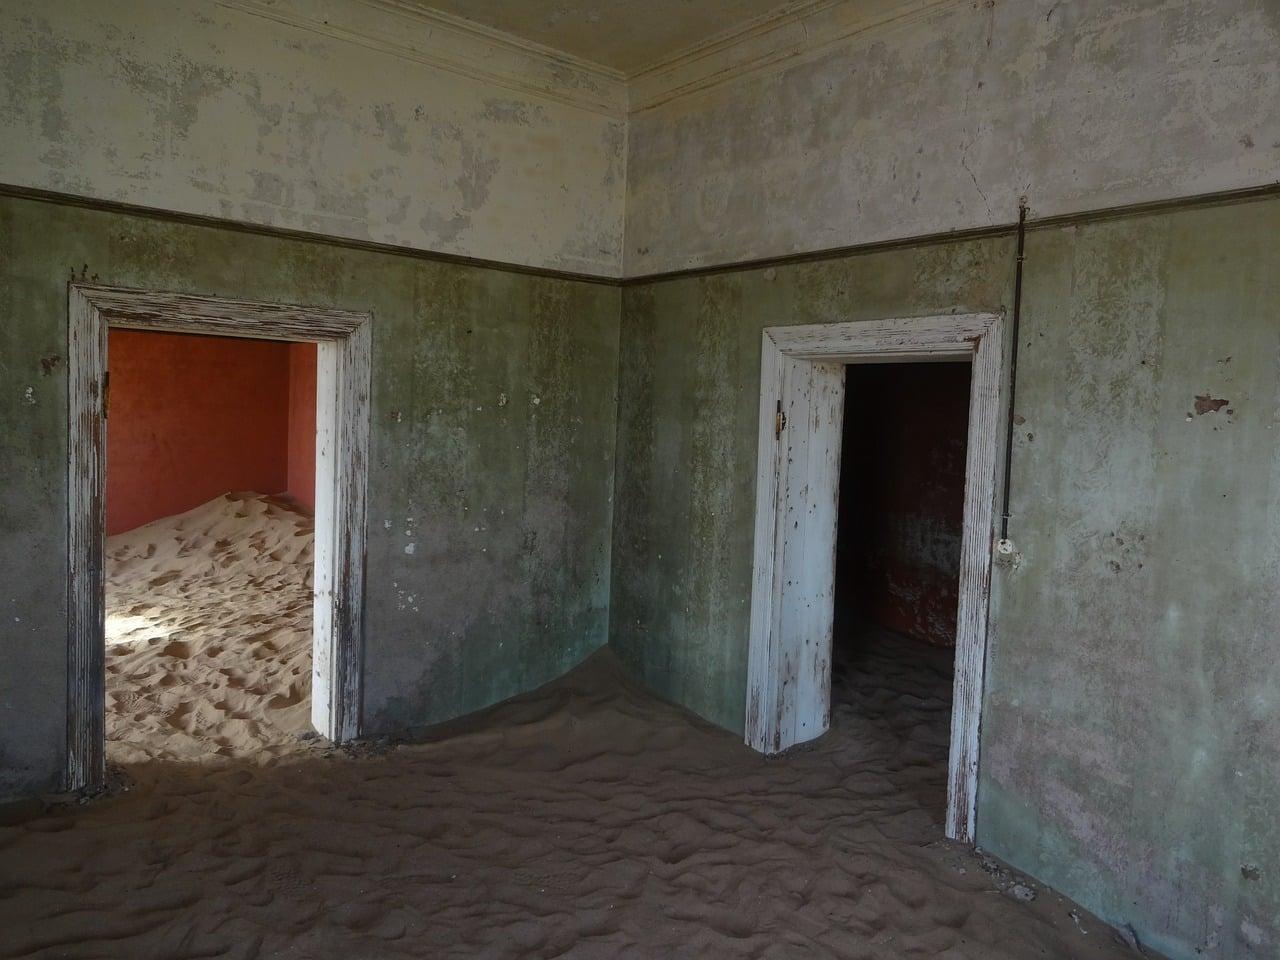 lugares desertos abandonados